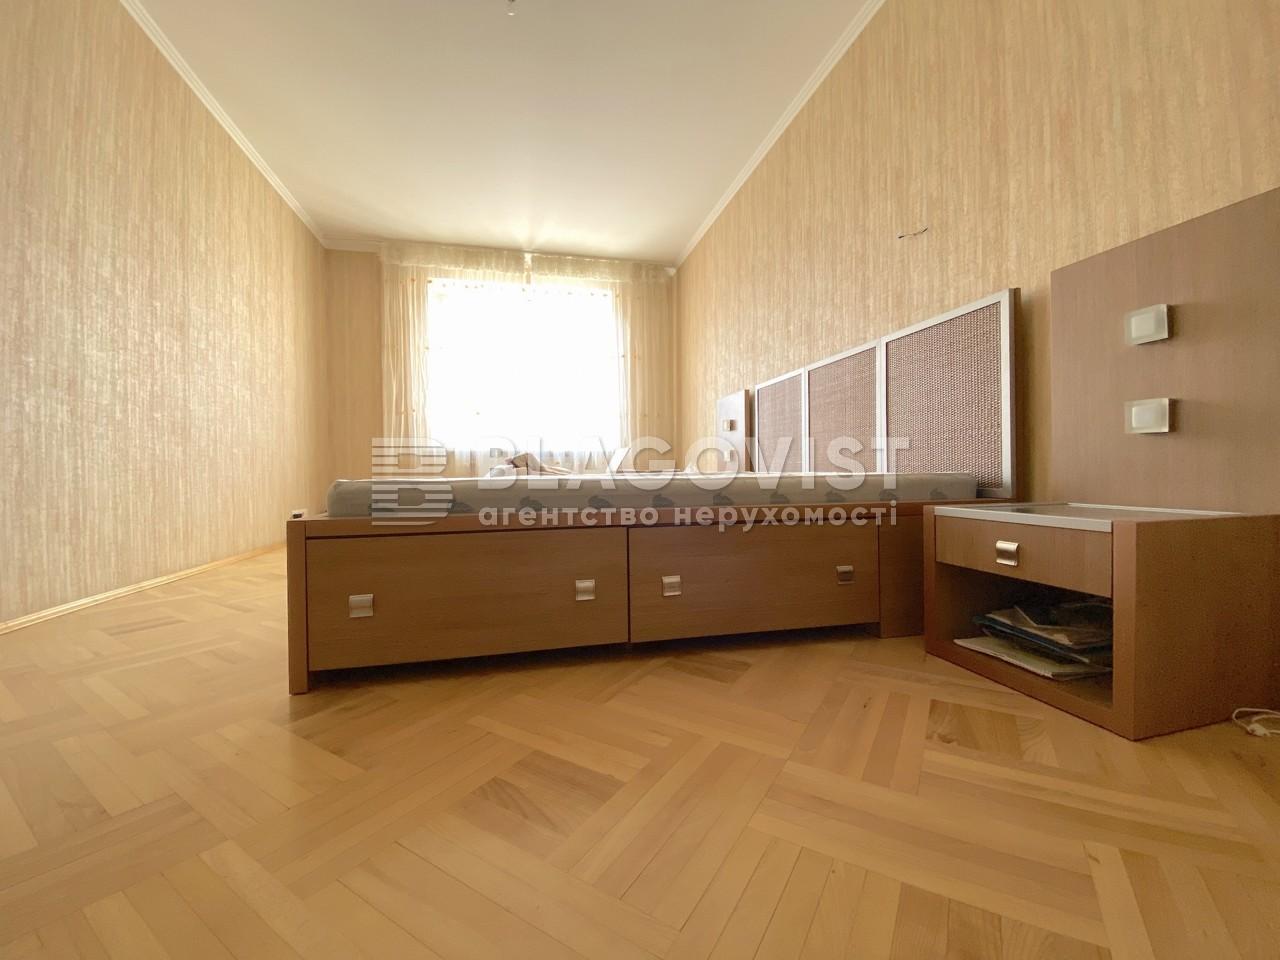 Квартира R-40451, Лебедева-Кумача, 5, Киев - Фото 8